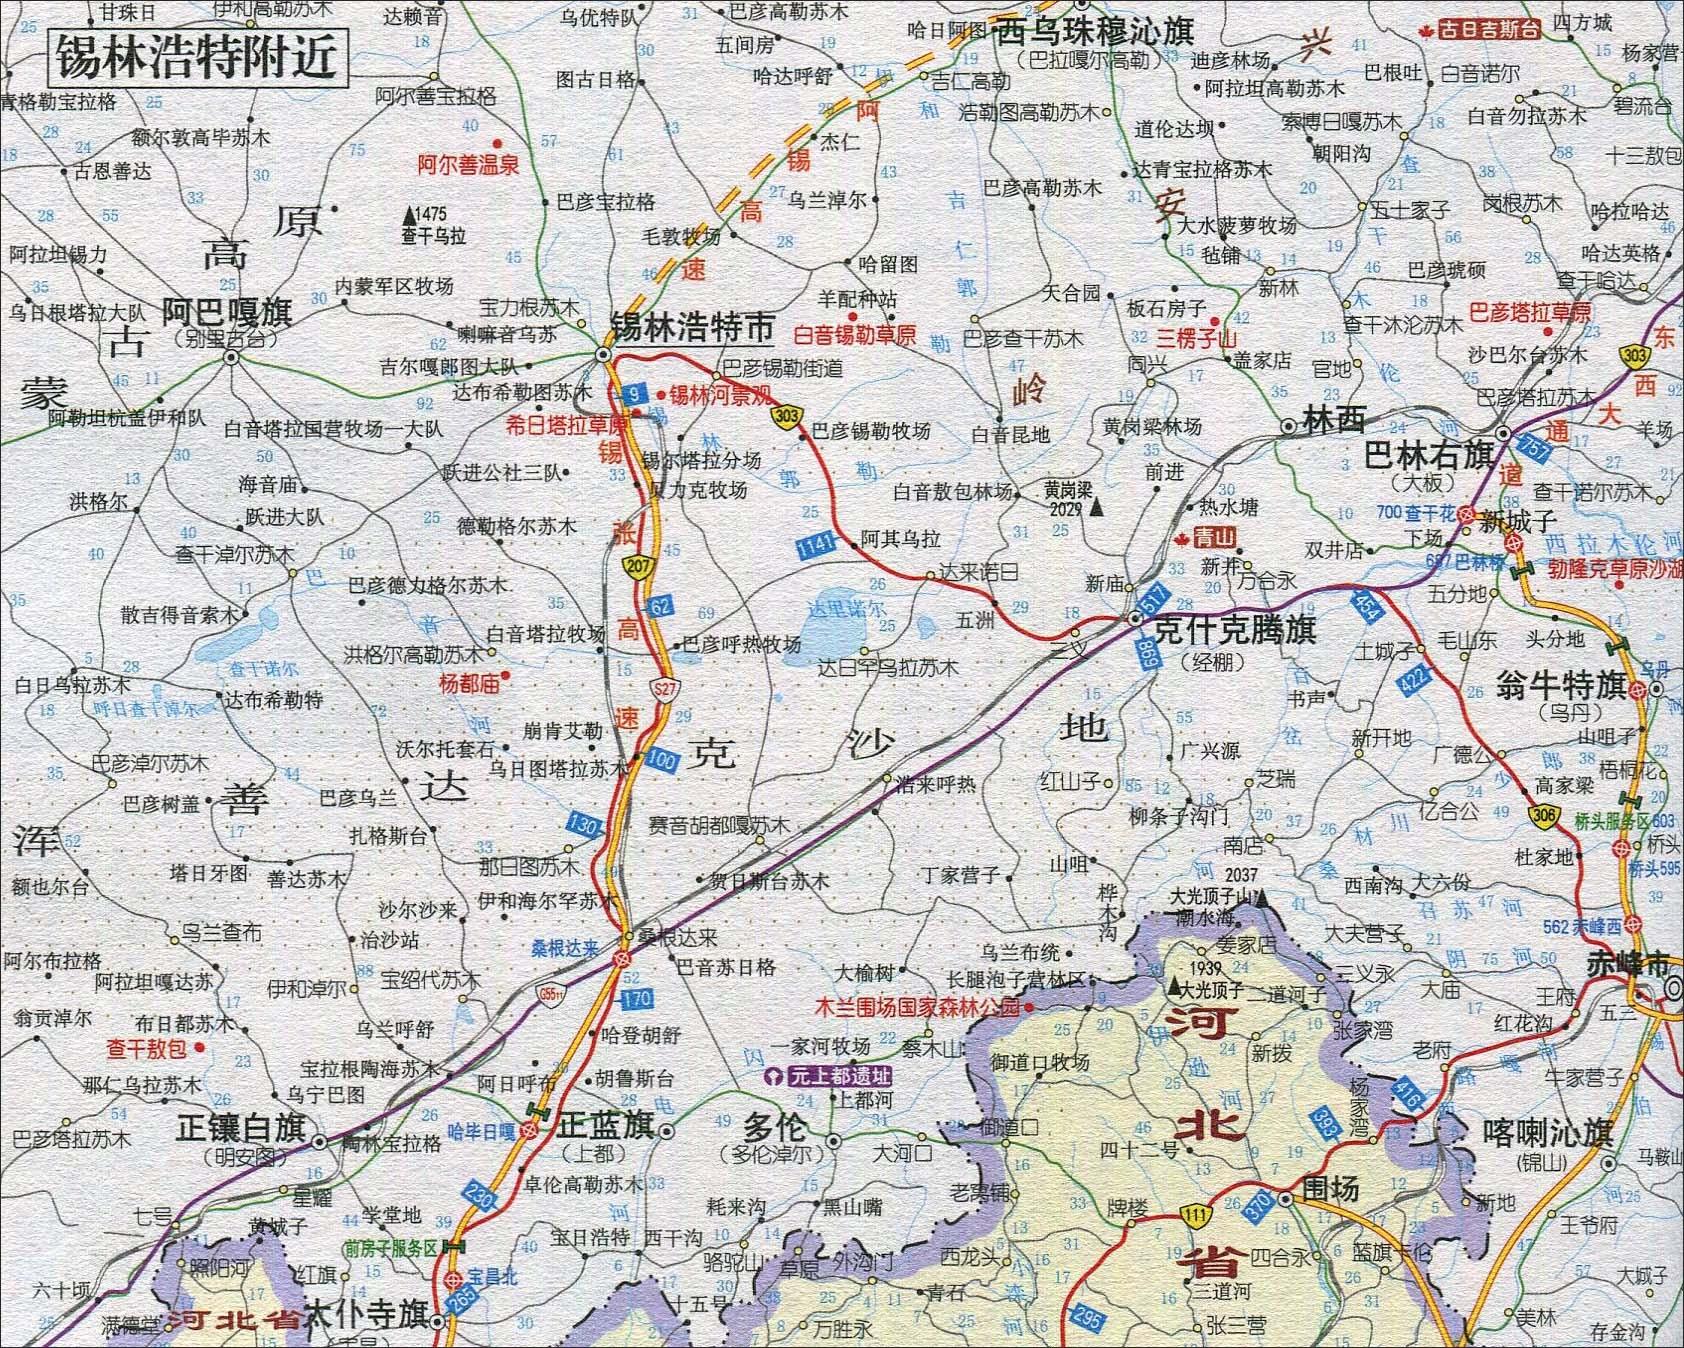 锡林浩特附近旅游交通地图_内蒙古旅游地图库_地图窝